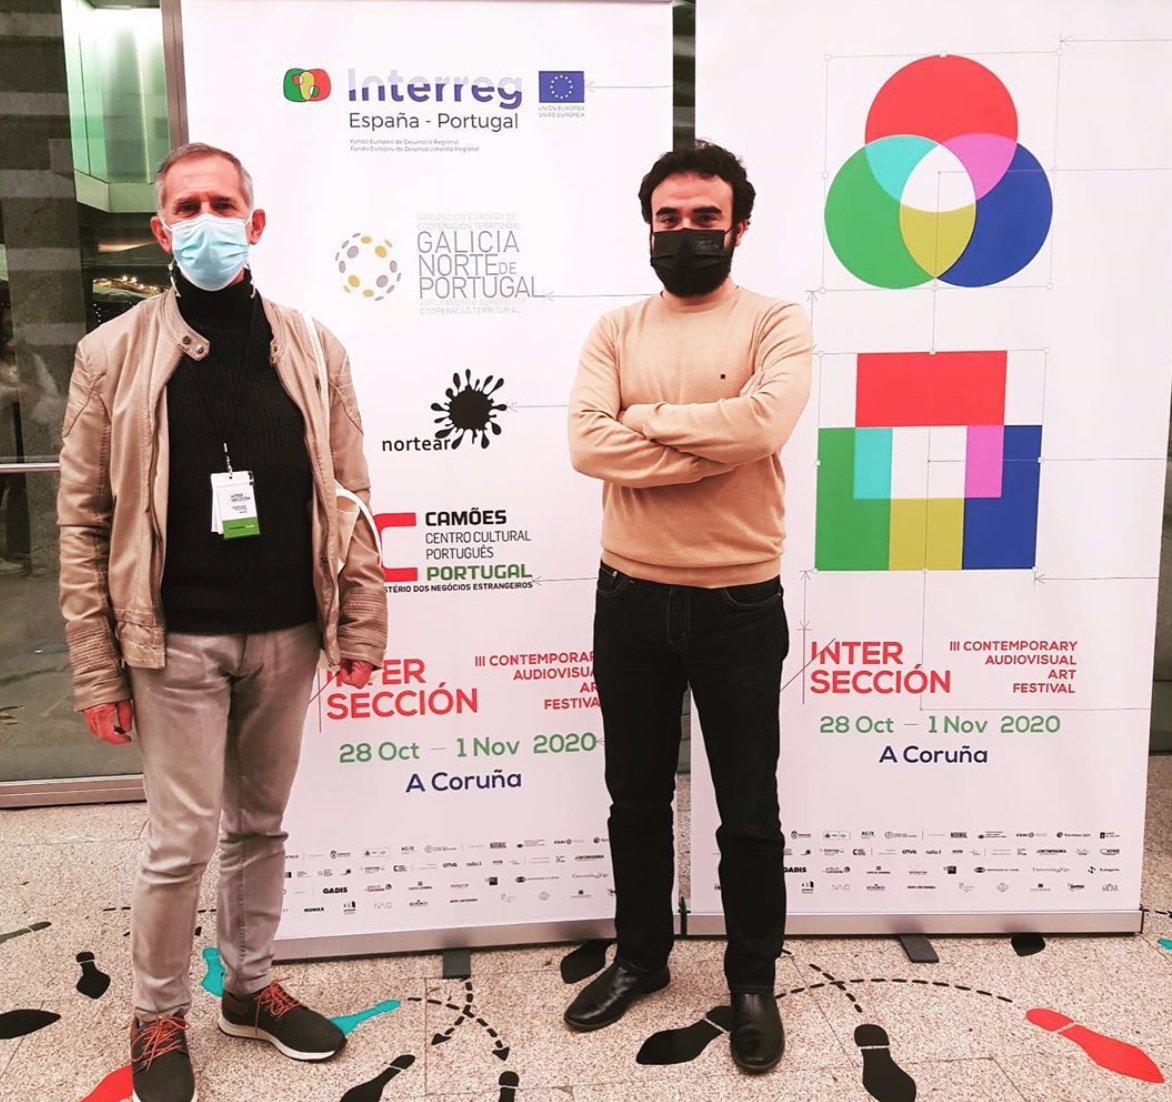 A AECT da Eurorrexión Galicia - Norte de Portugal apoia a #culturasegura e a colaboración galego-portuguesa,  a través dun encontro entre creadores e artistas celebrado hoxe no festival de Arte Audiovisual Contemporáneo #Interseccion na Coruña. https://t.co/lTZRTdBZJn